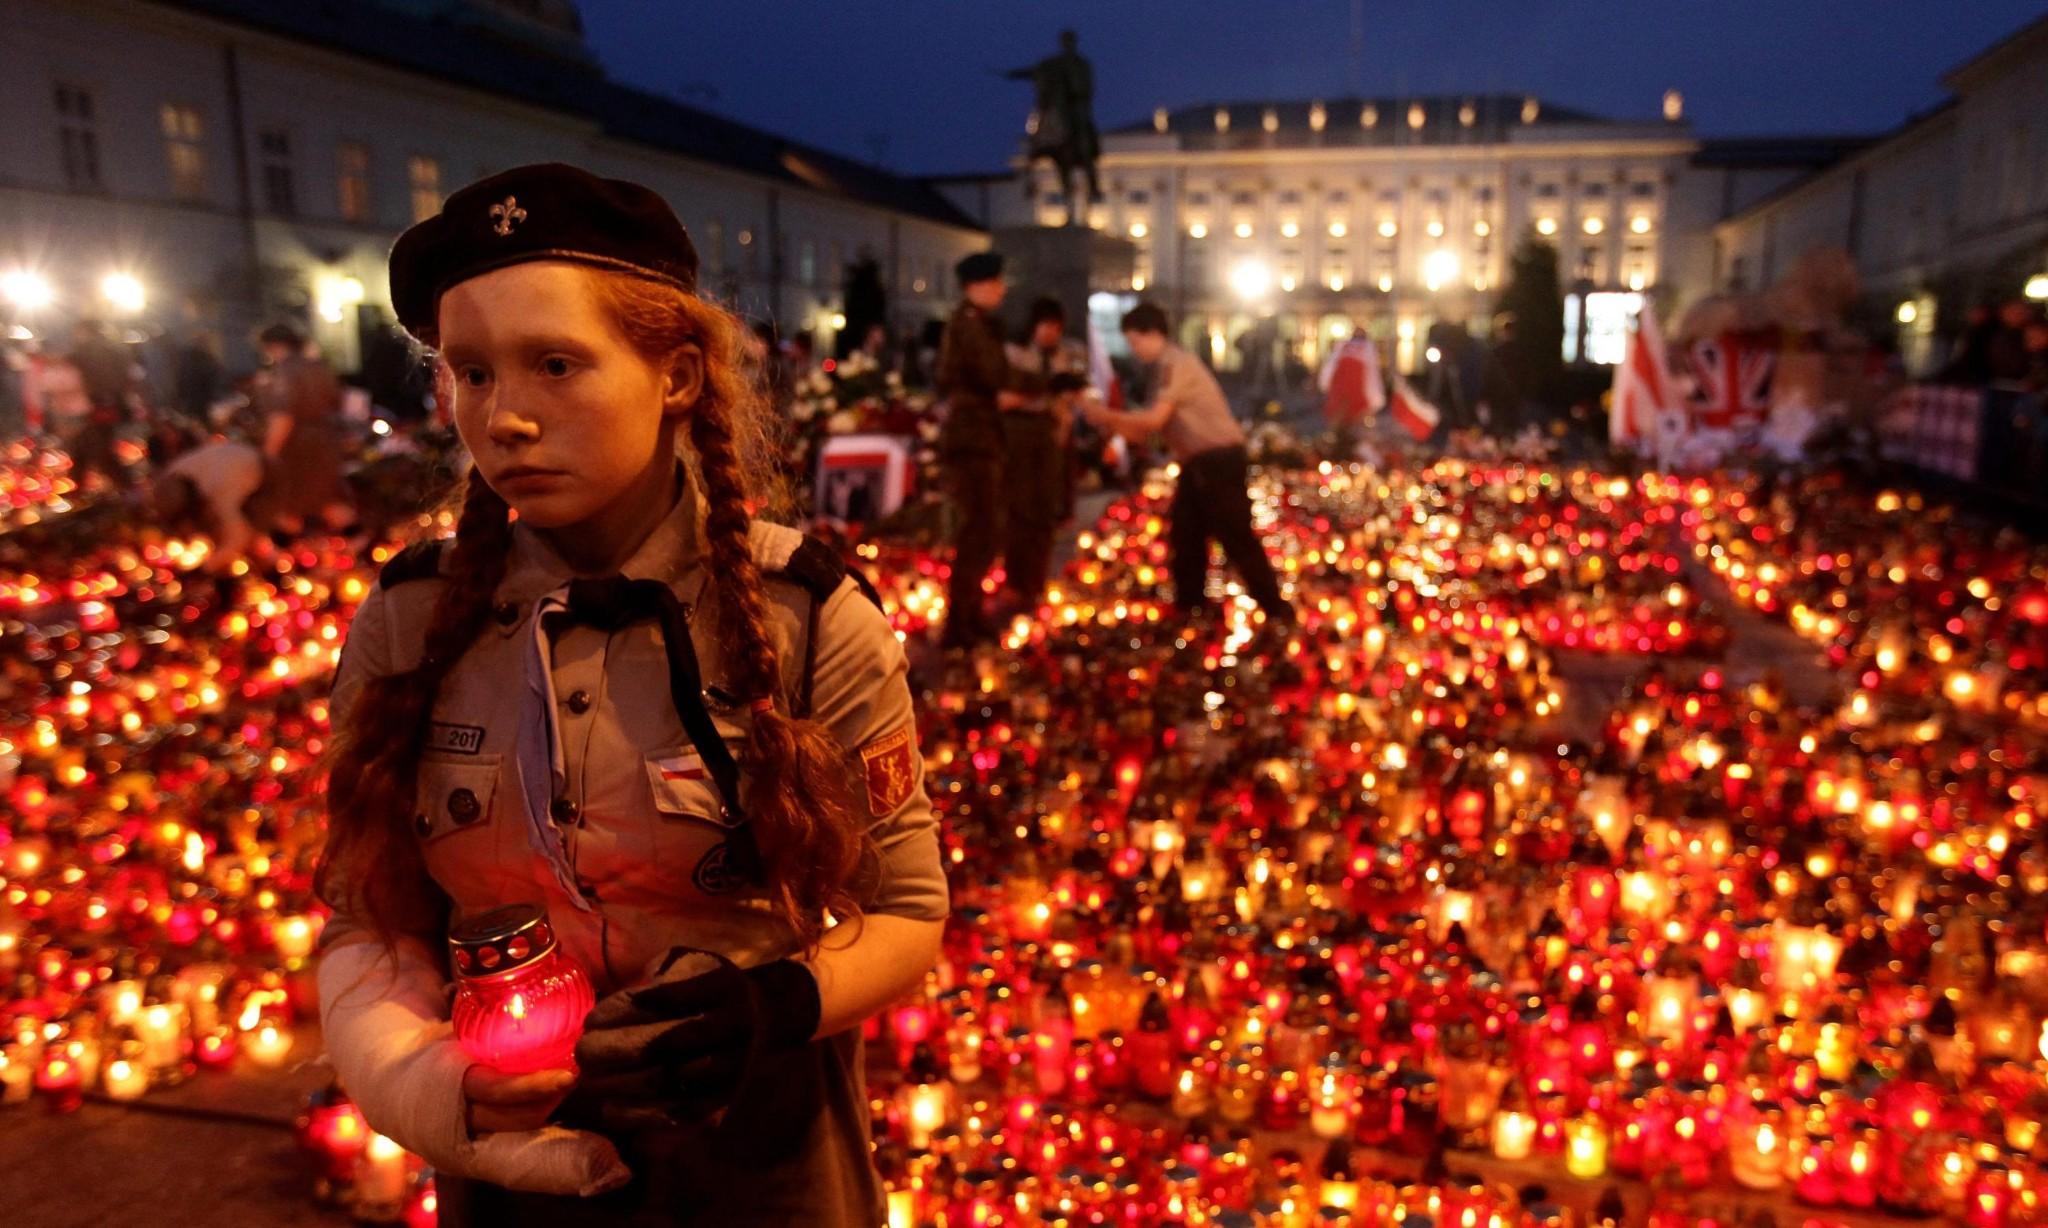 Smolensk plane crash 2011 report 'was result of doctored evidence'